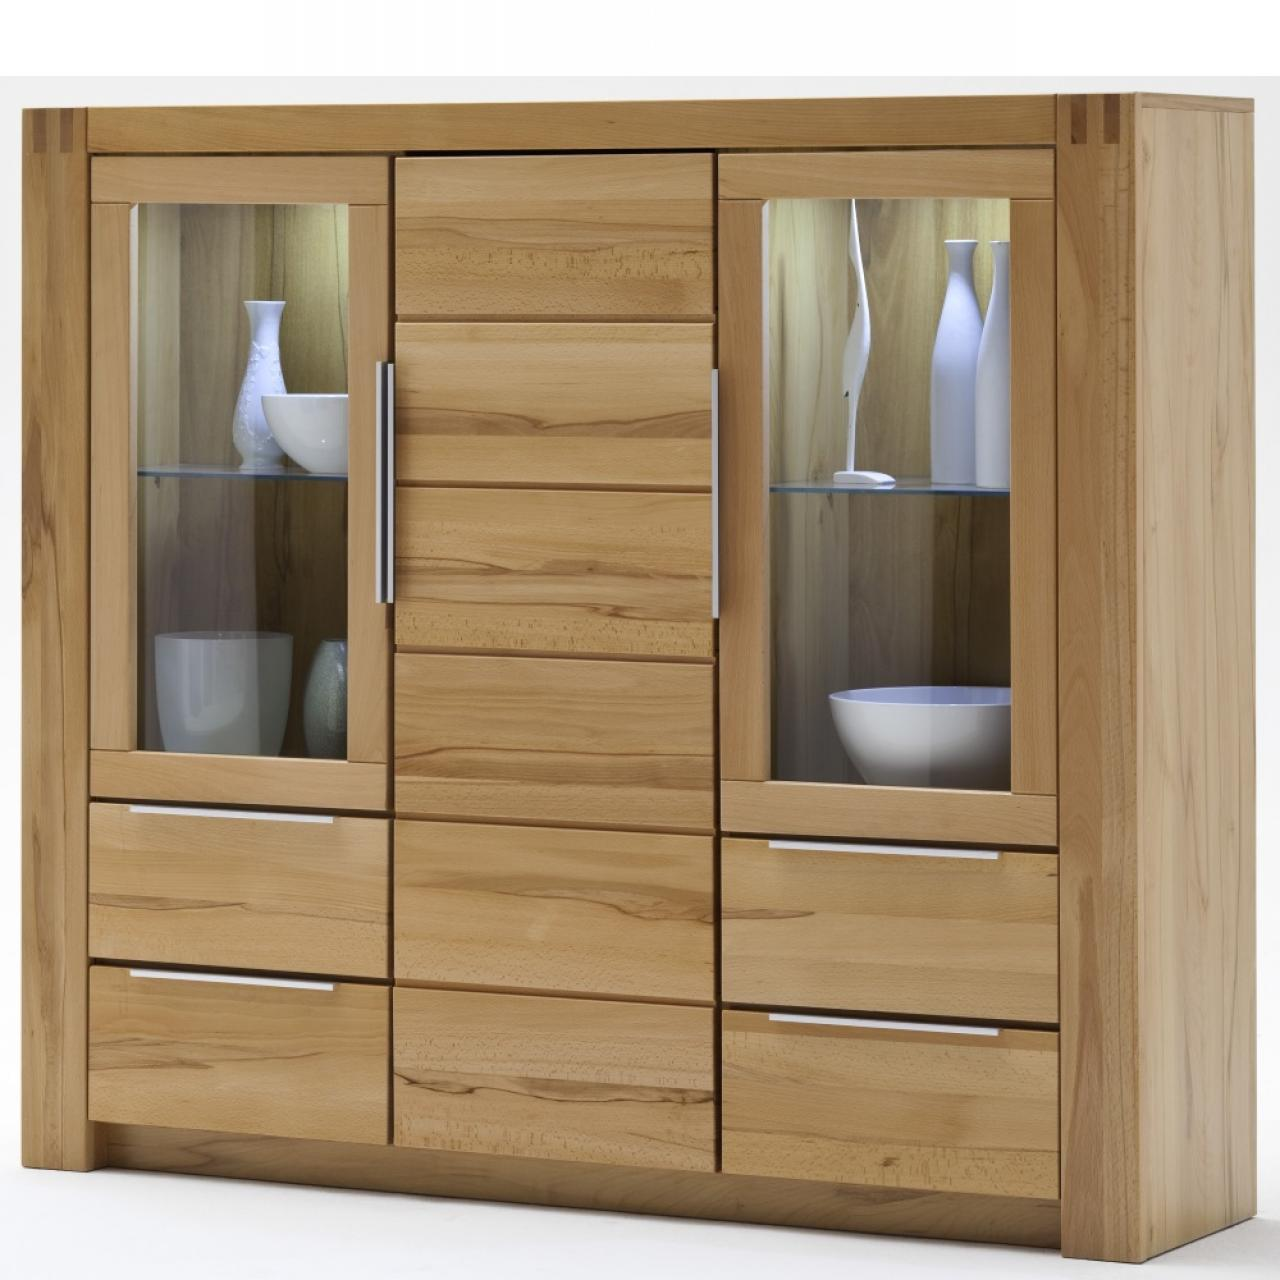 Möbel Jähnichen Wohnwand Garderobe Como Garderoben Wohnen Möbel